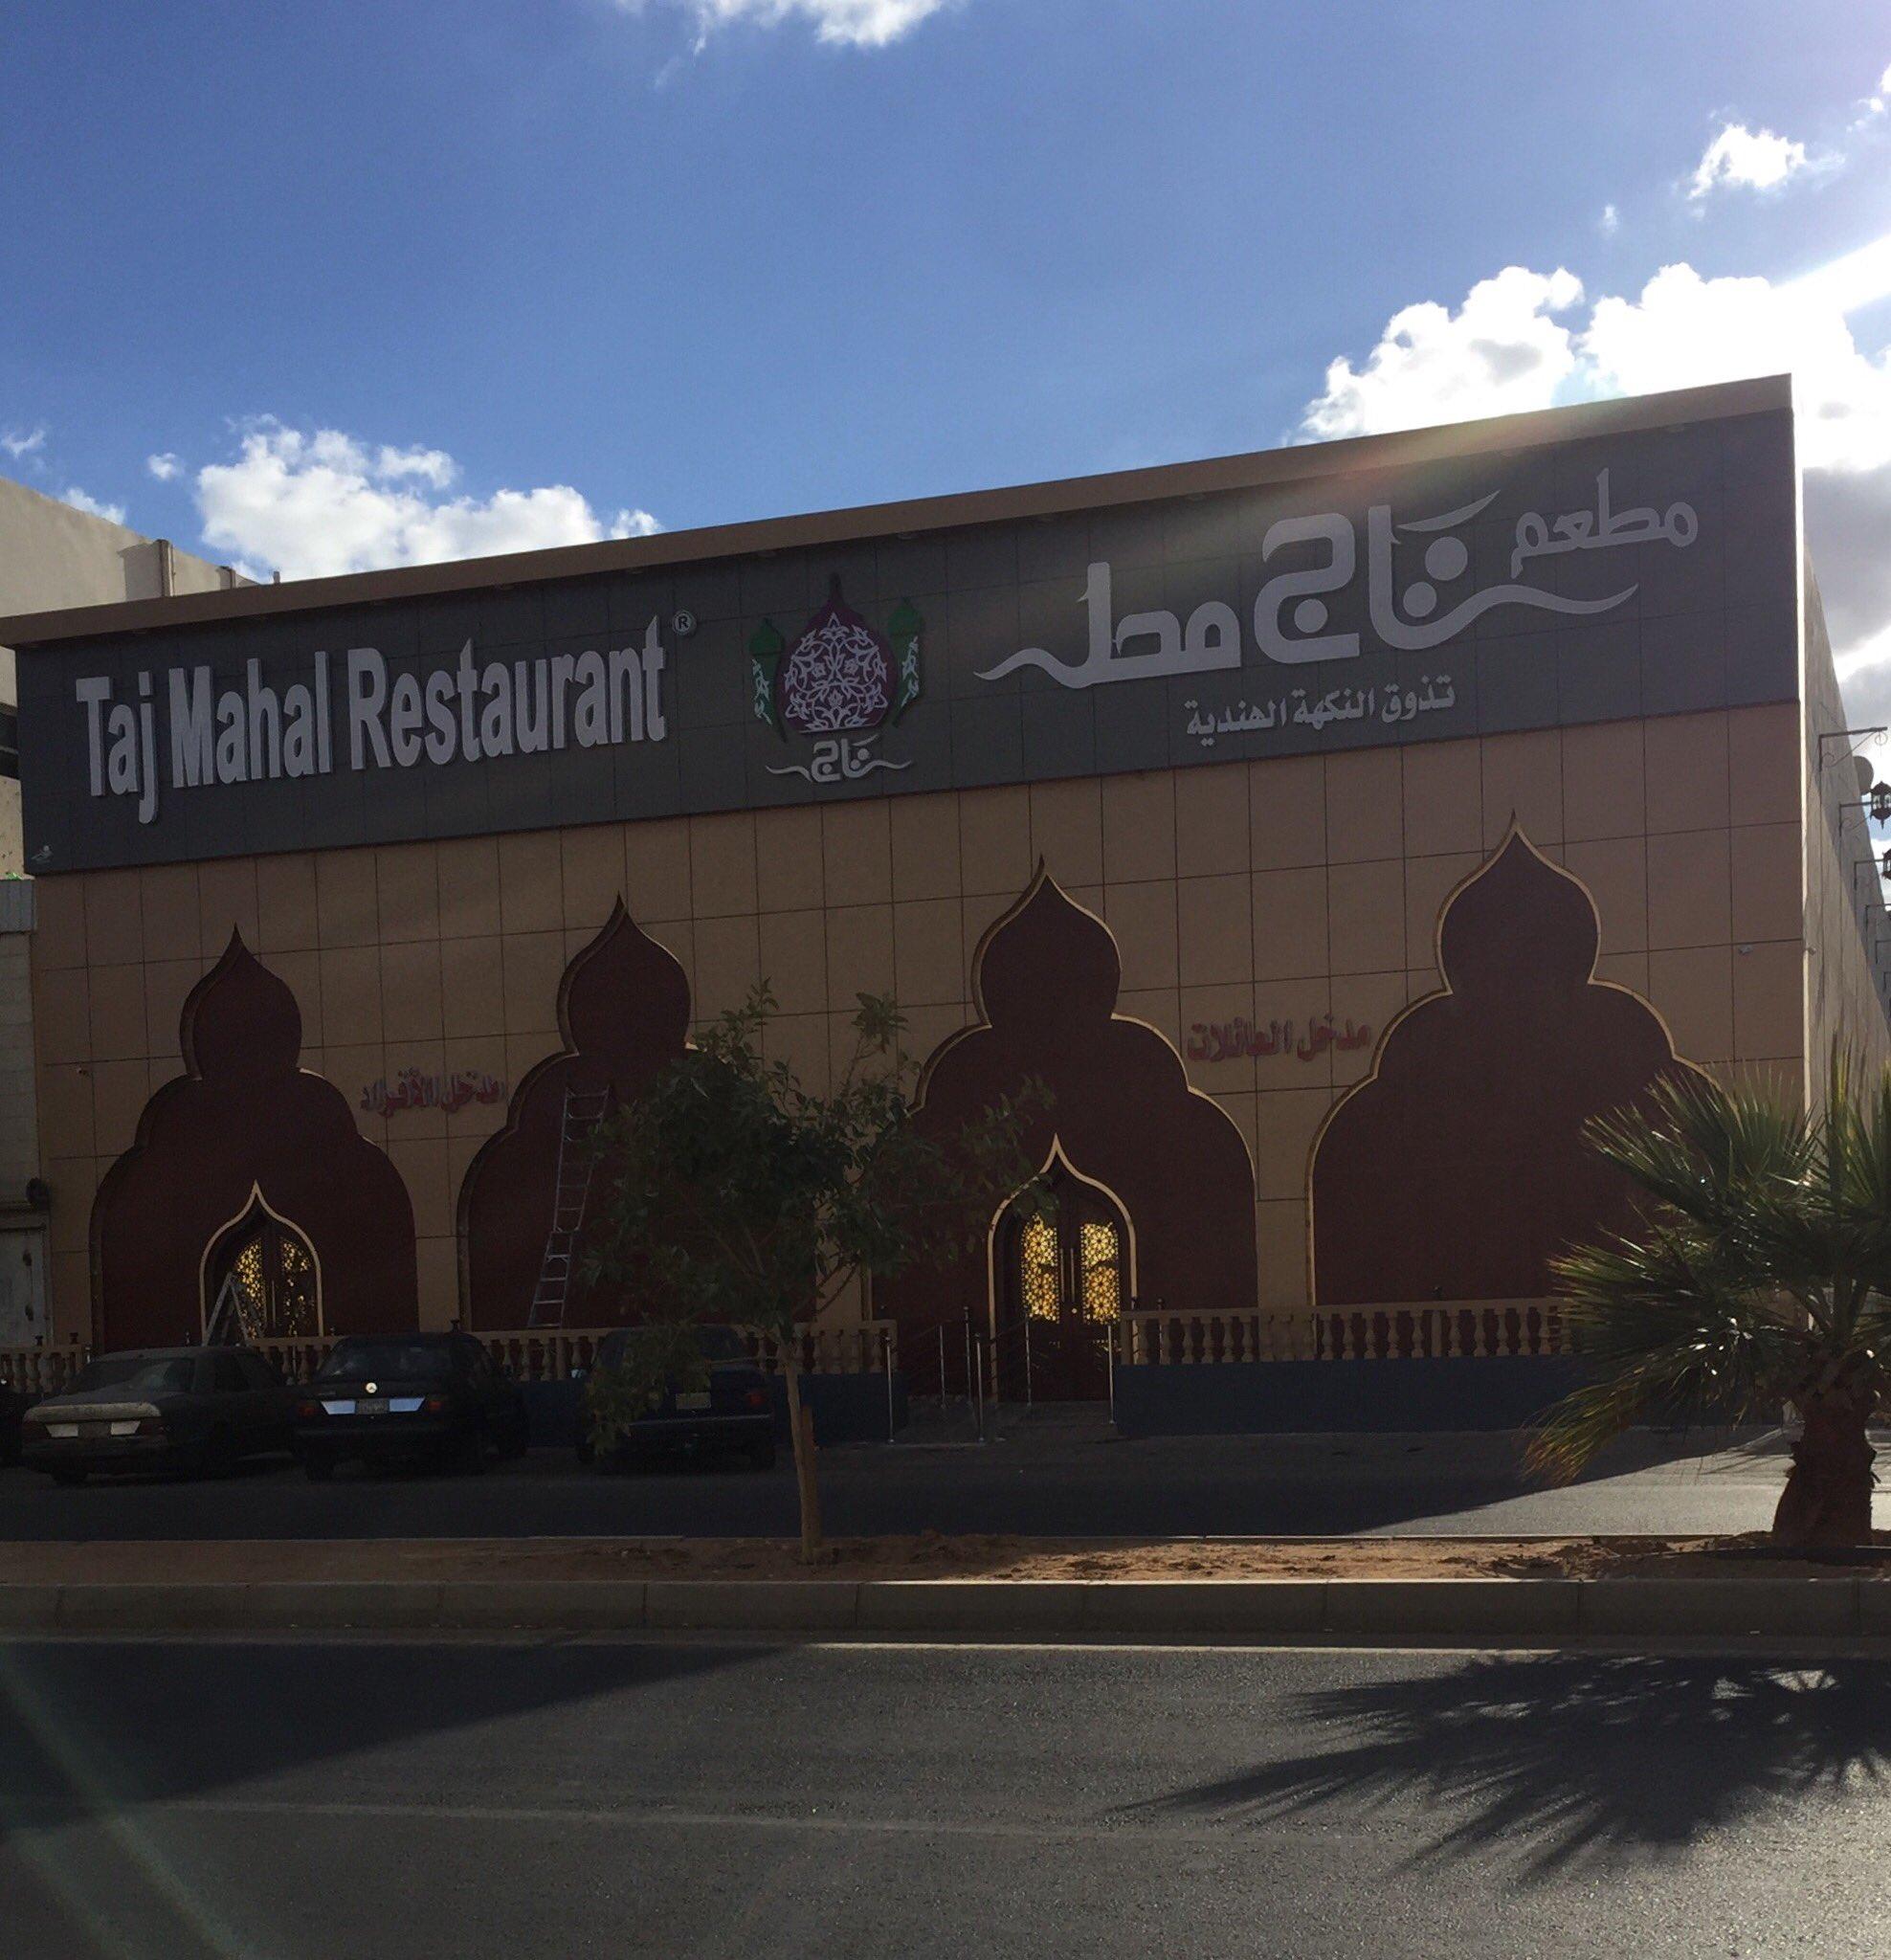 مطاعم تبوك On Twitter قريبا الافتتاح مطعم تاج محل مروج